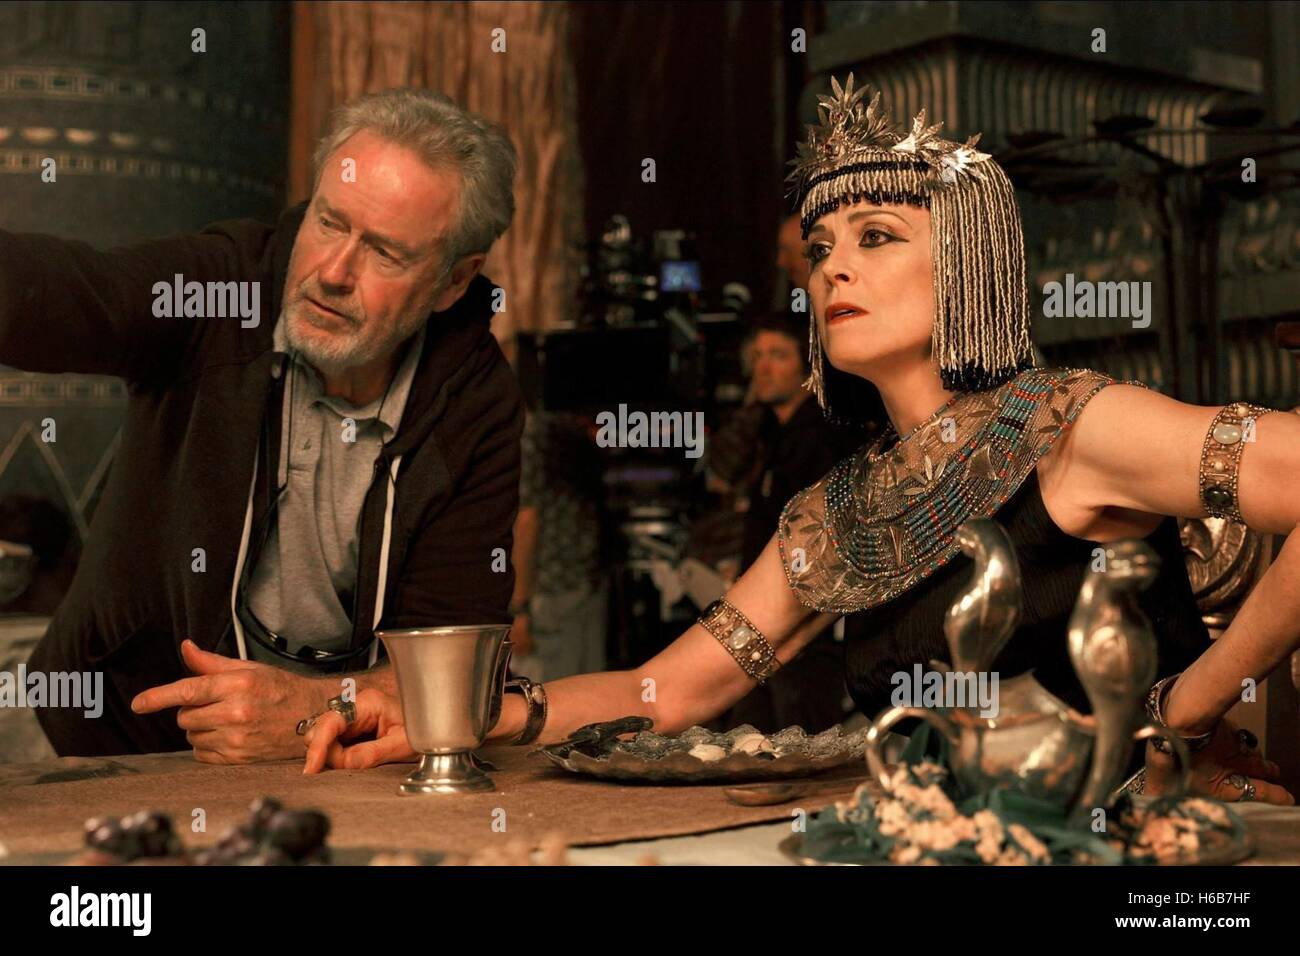 RIDLEY SCOTT & SIGOURNEY WEAVER EXODUS: GODS AND KINGS (2014) - Stock Image